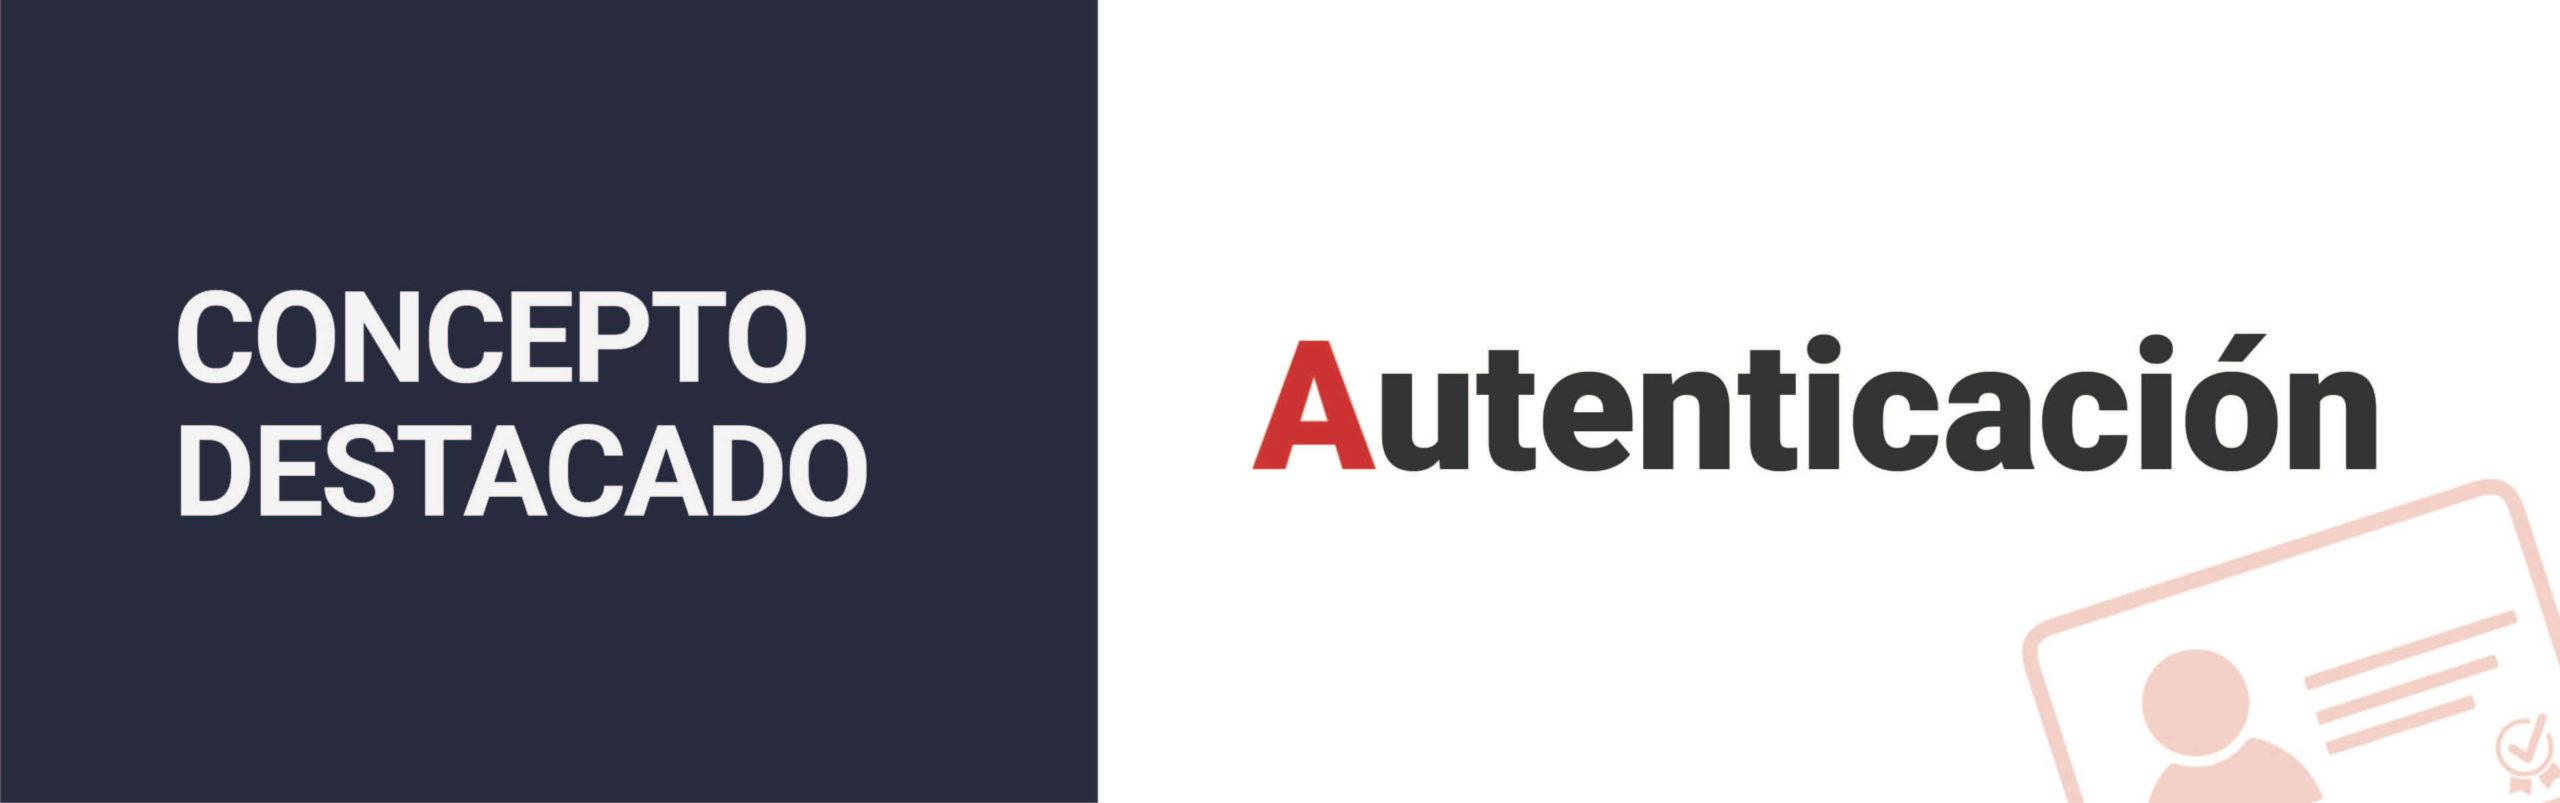 itpedia-autenticacion-web